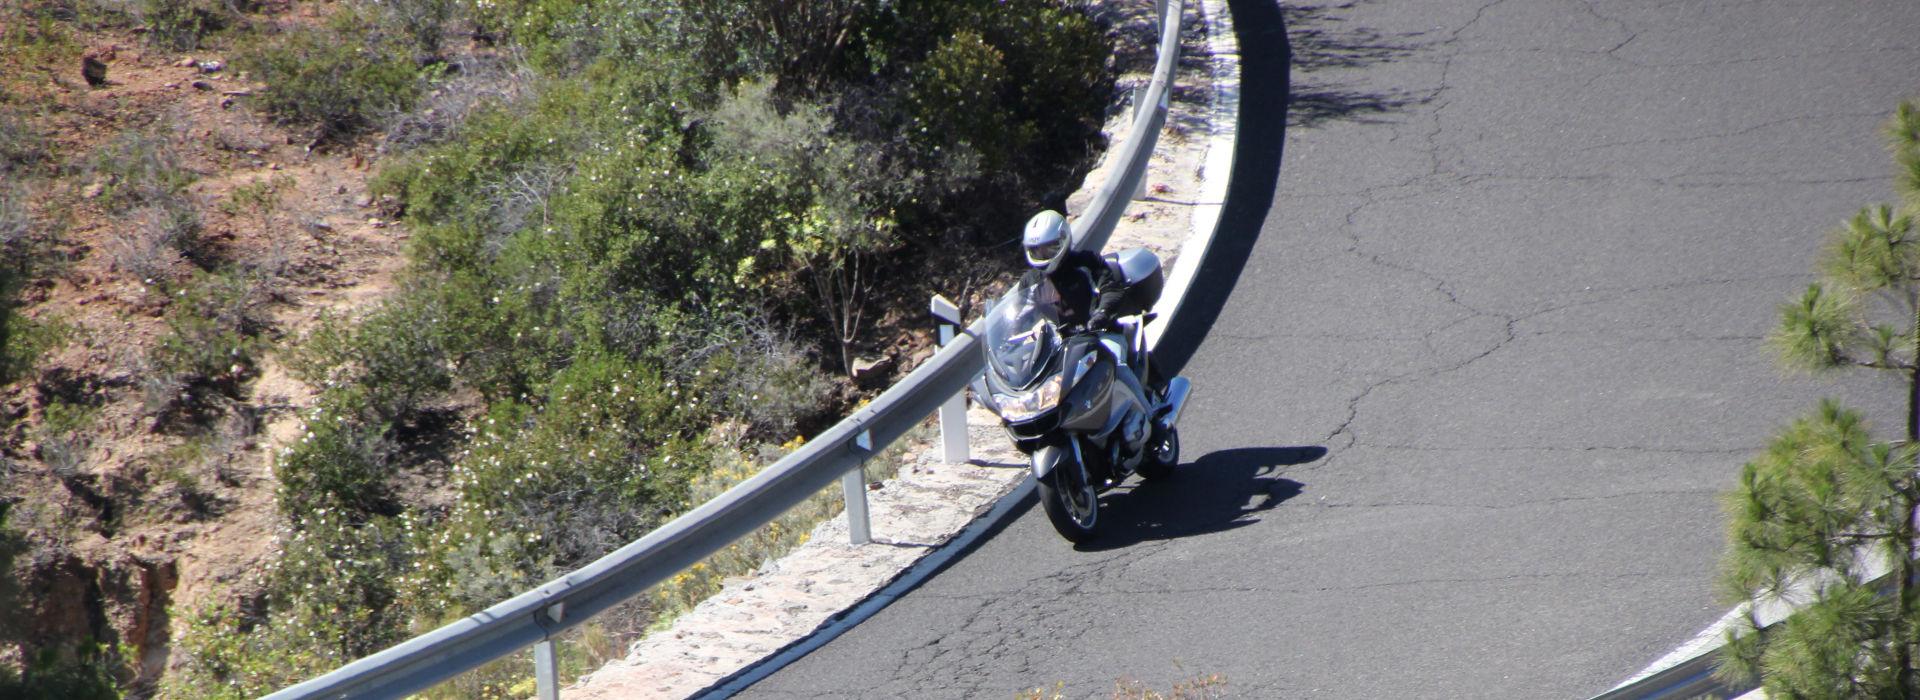 Motorrijschool Motorrijbewijspoint Leiderdorp motorrijlessen